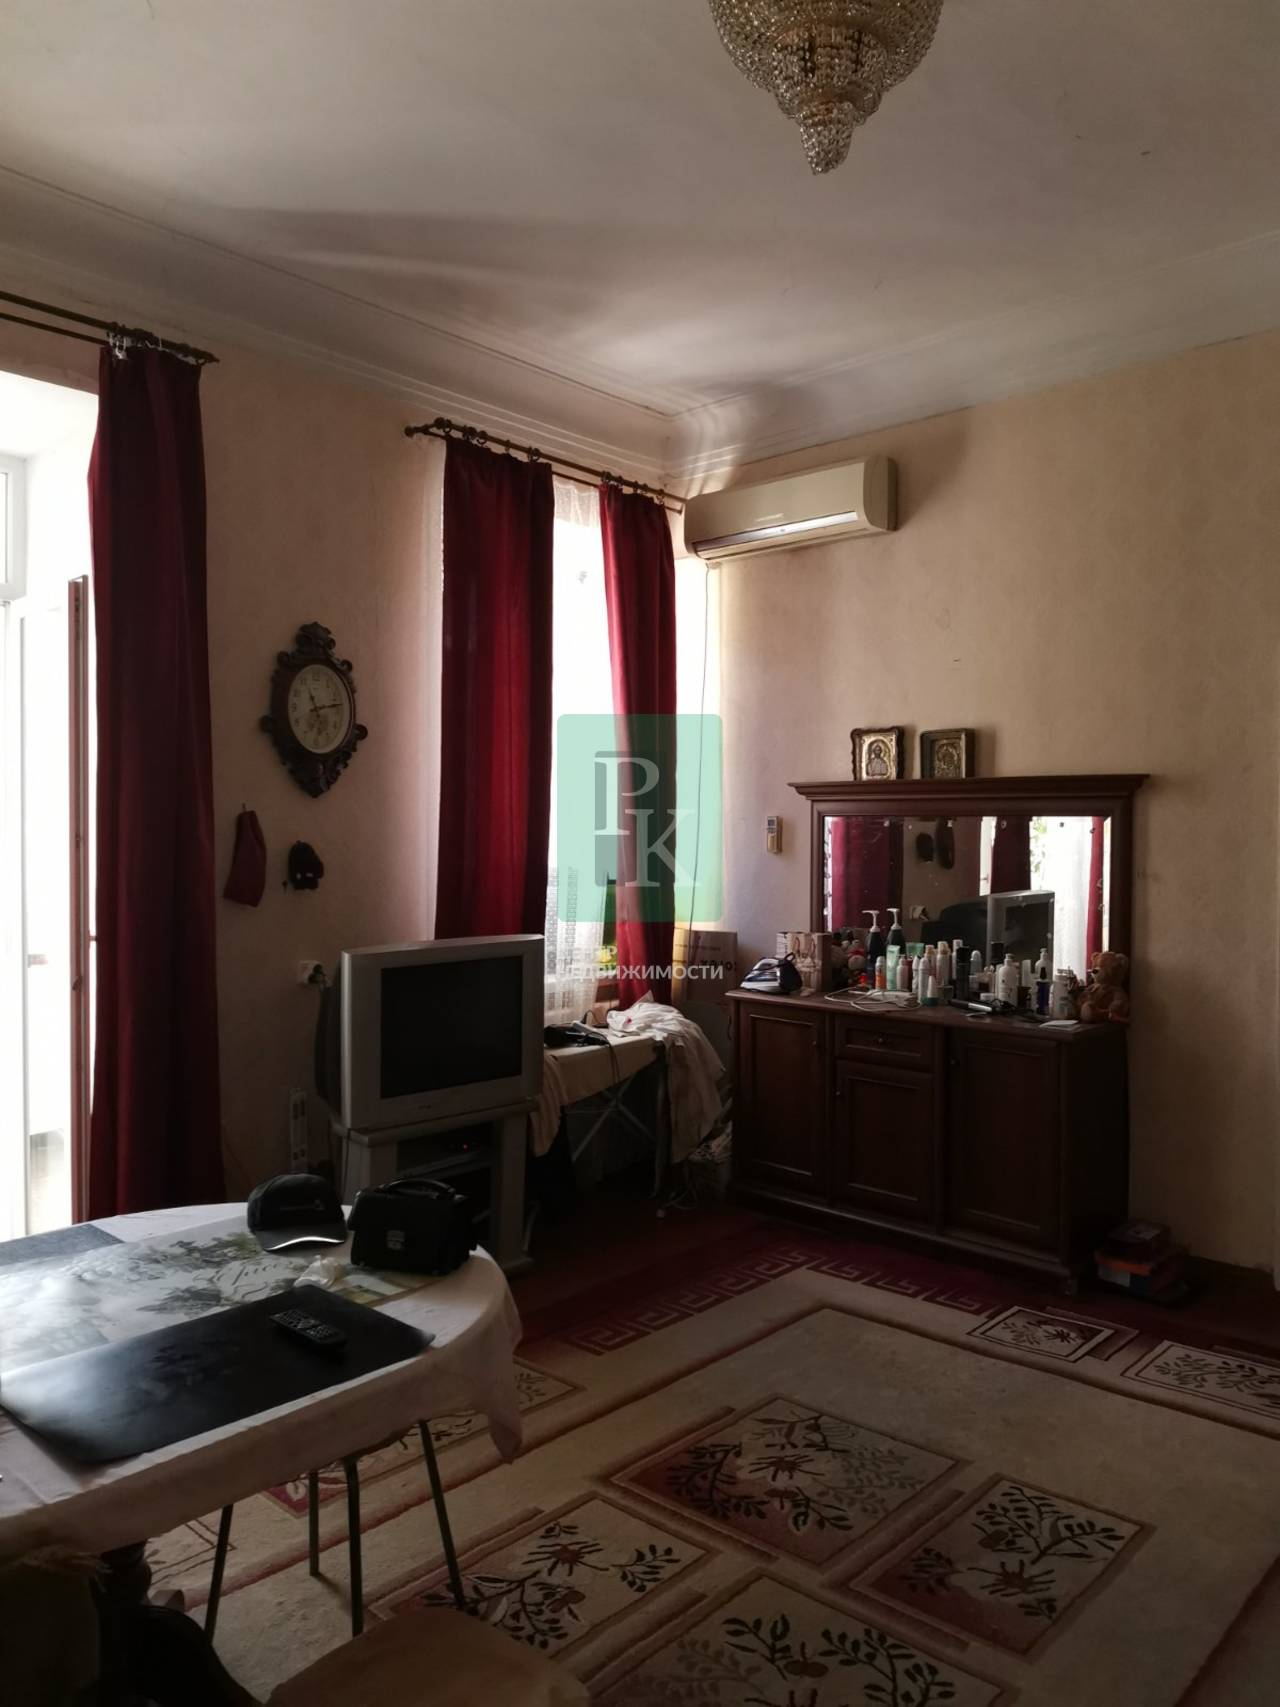 Продается двухкомнатная квартира по ул.Ленина, дом 56